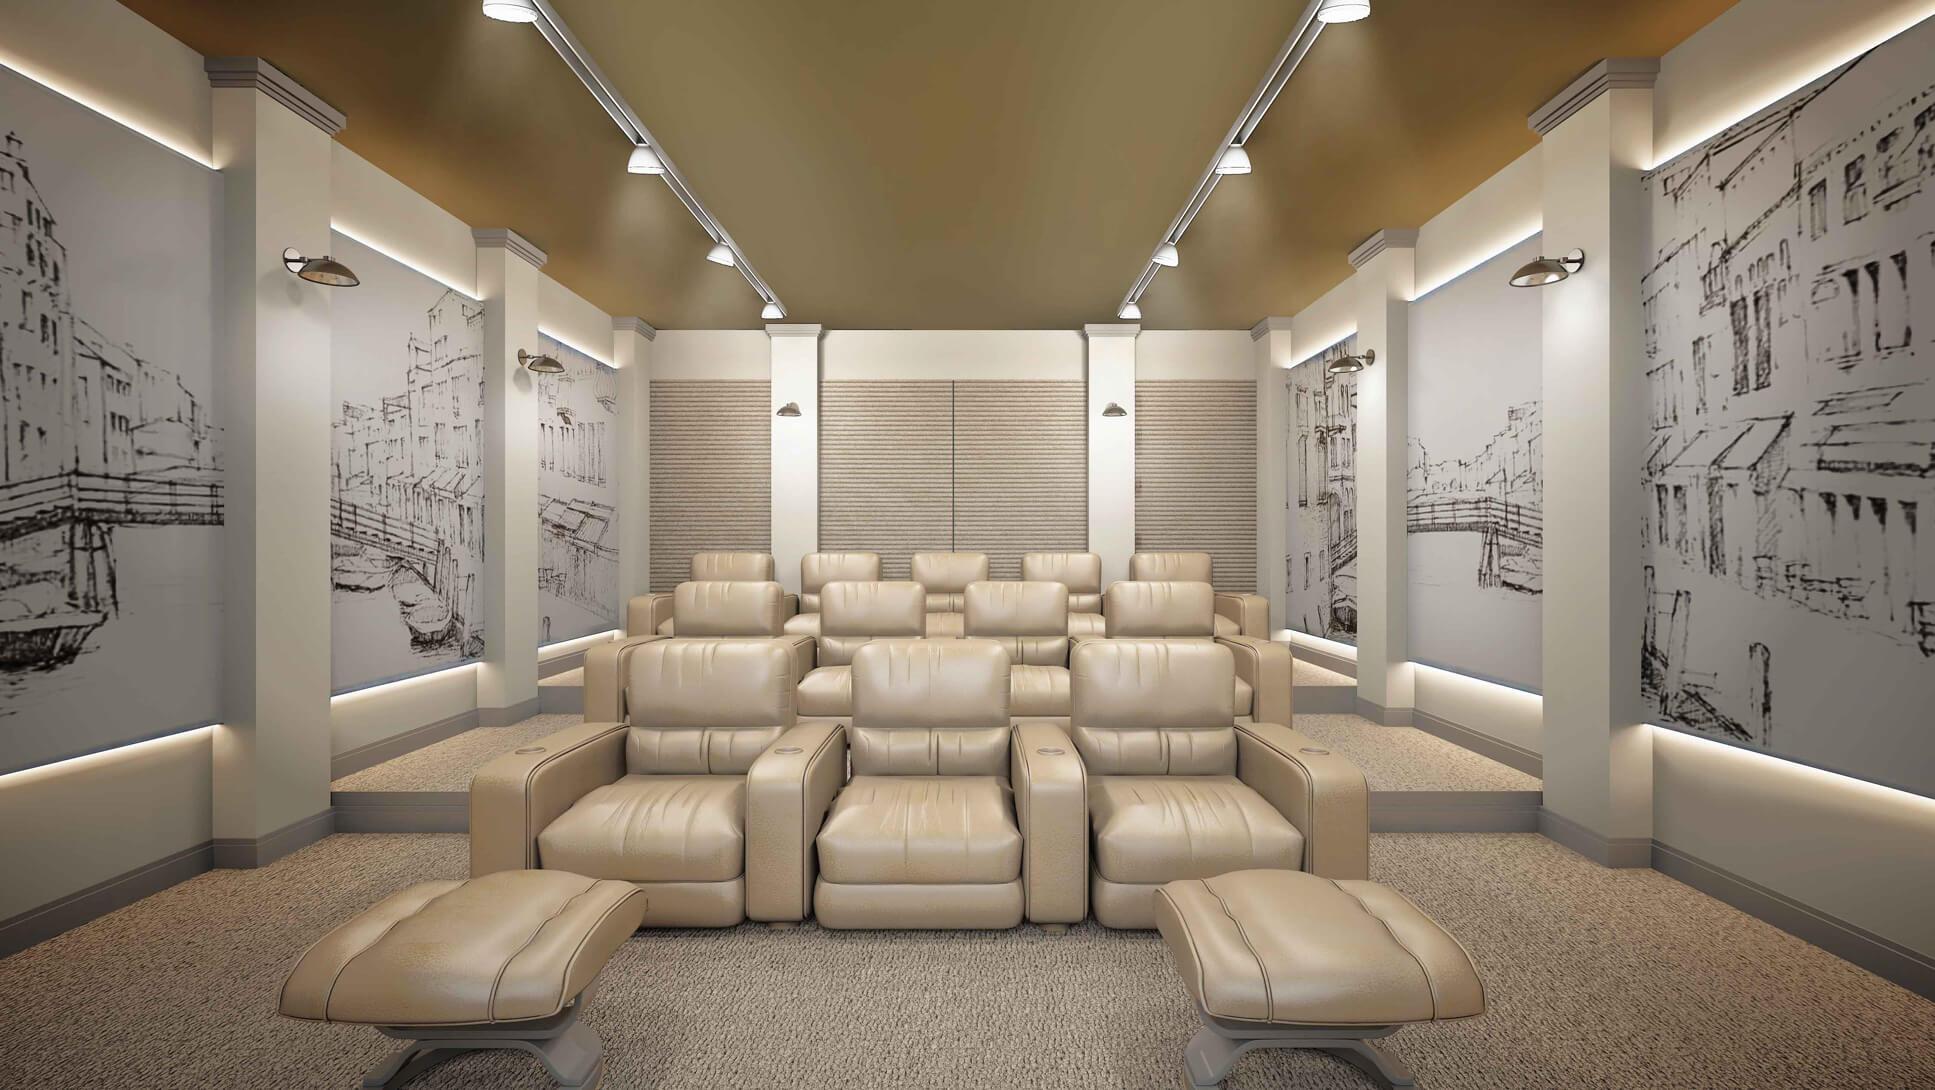 اتاق سینما خانگی